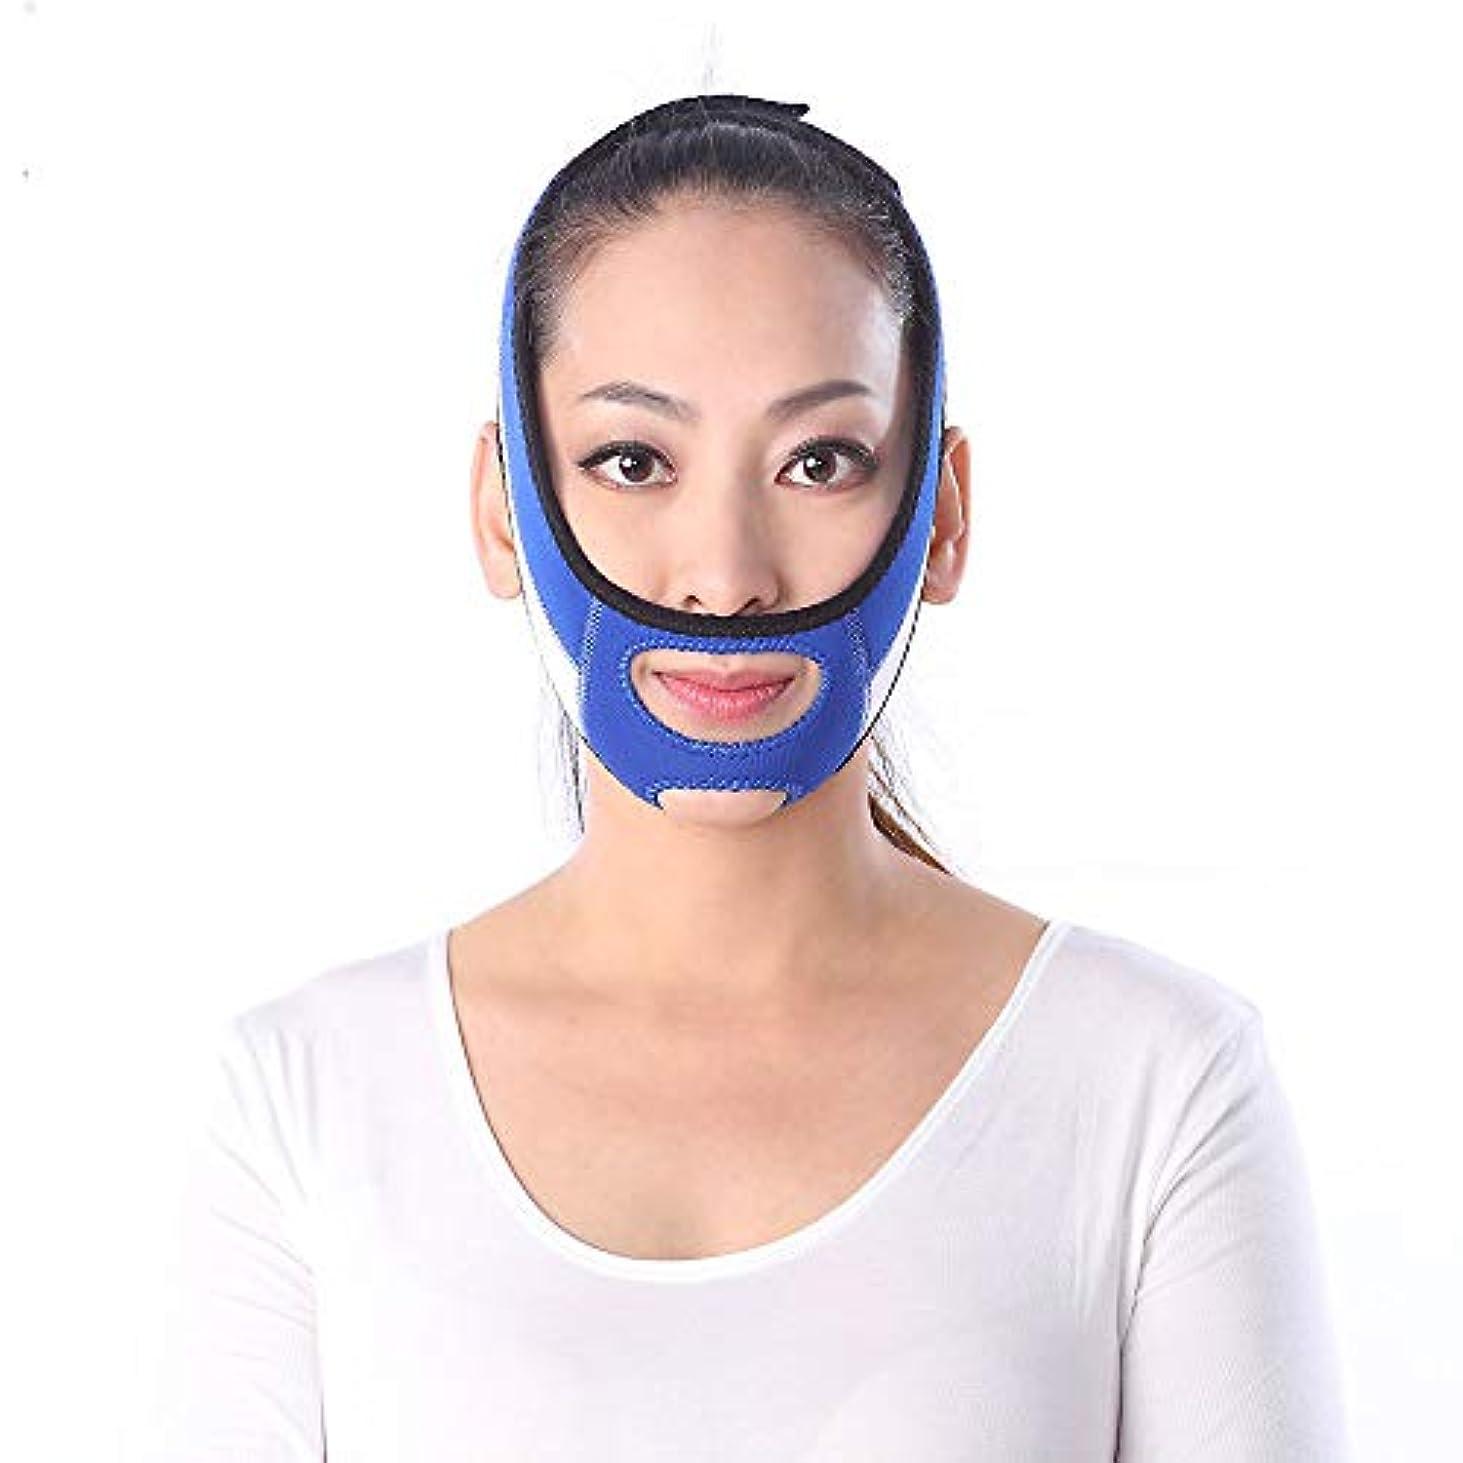 旧正月欺マニアックフェイスリフティング包帯、リフティングダブルあご顔補正ツール/フェイスマスク/スモールVフェイスアーチファクト(青)